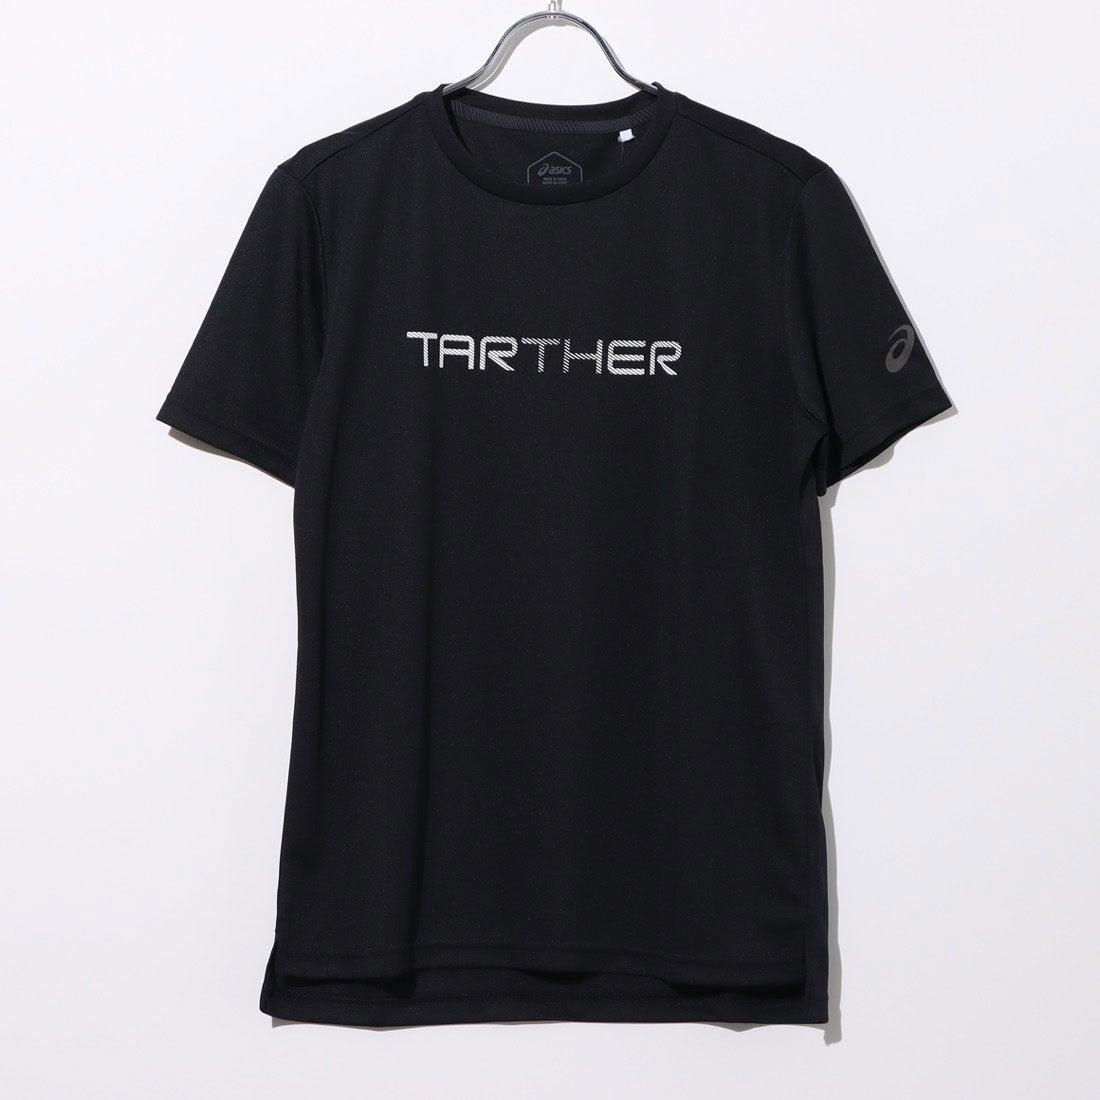 アシックス asics メンズ 陸上/ランニング 半袖Tシャツ TARTHERヒストリーSSトツプ 2011C004